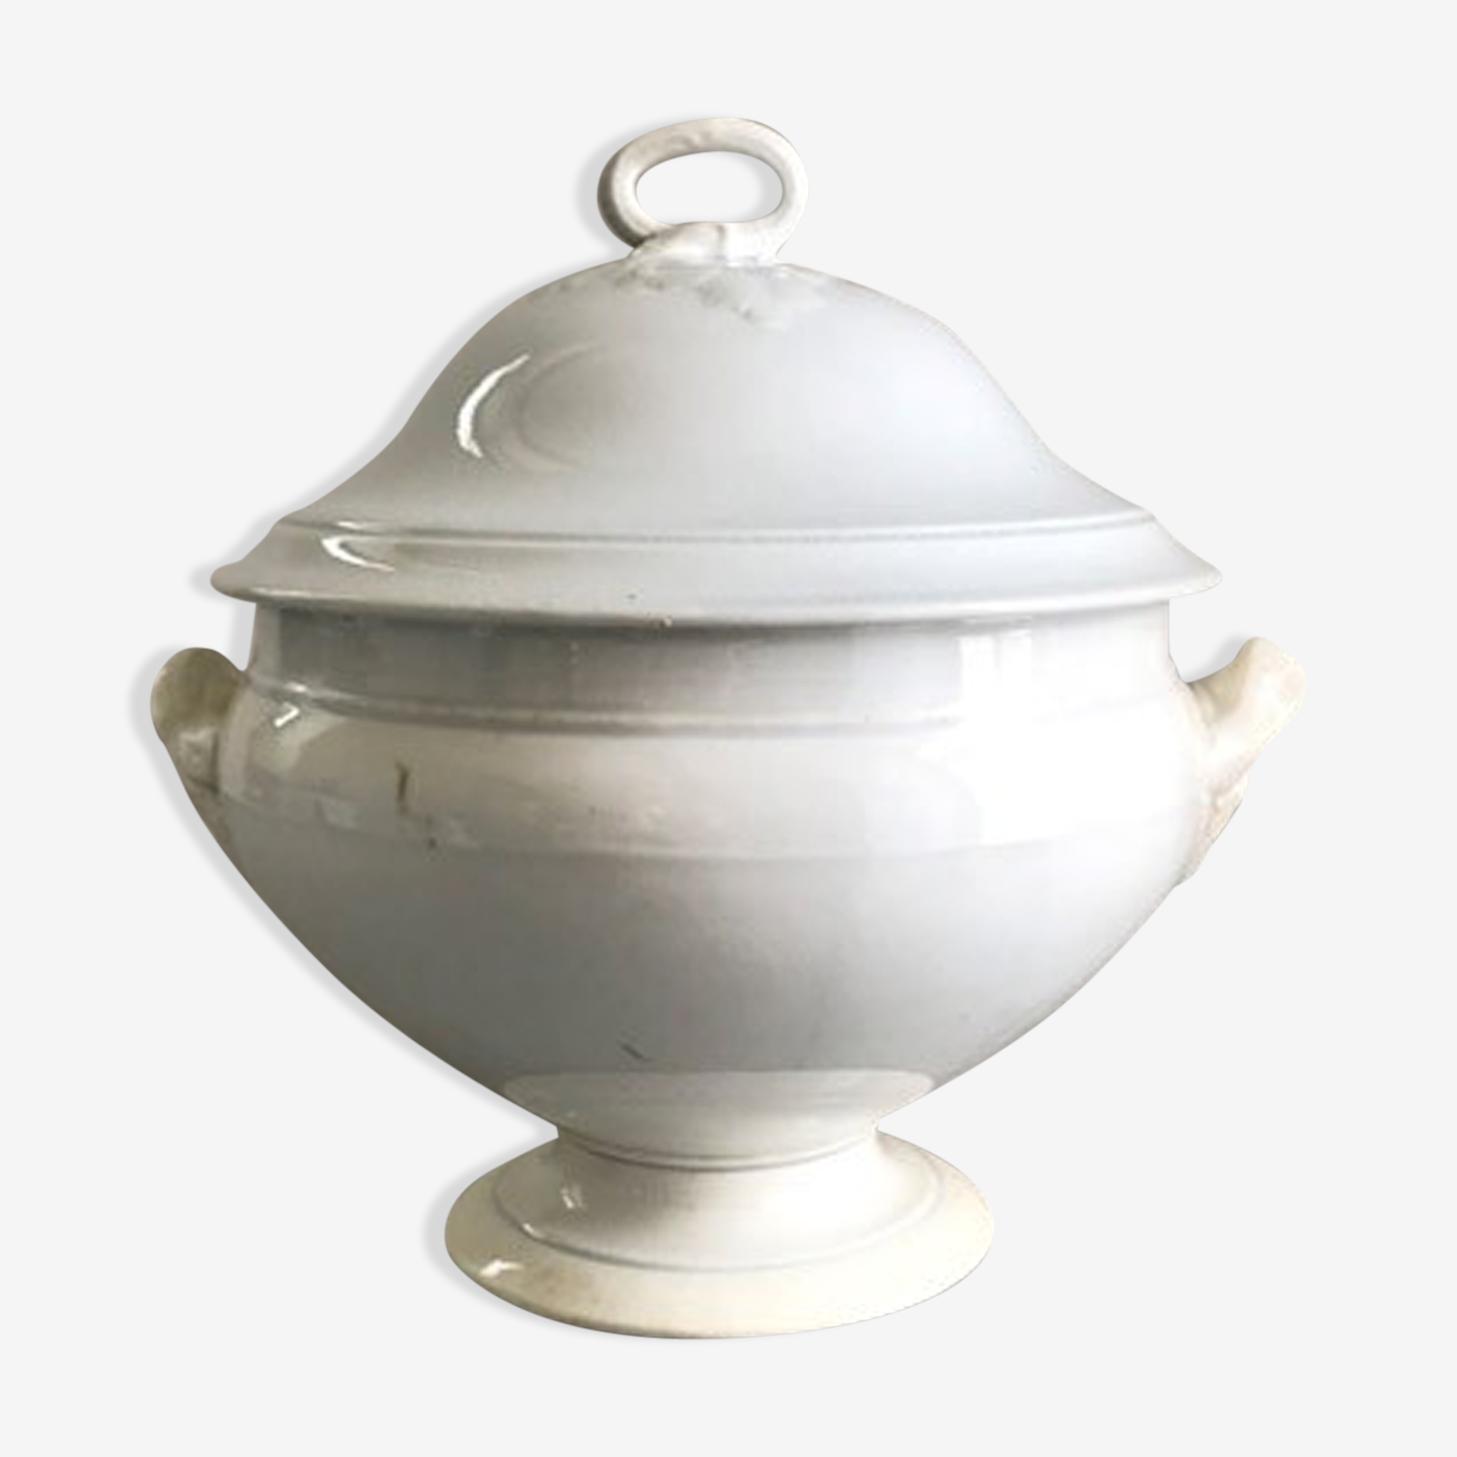 Soupière en porcelaine Choisy le Roi